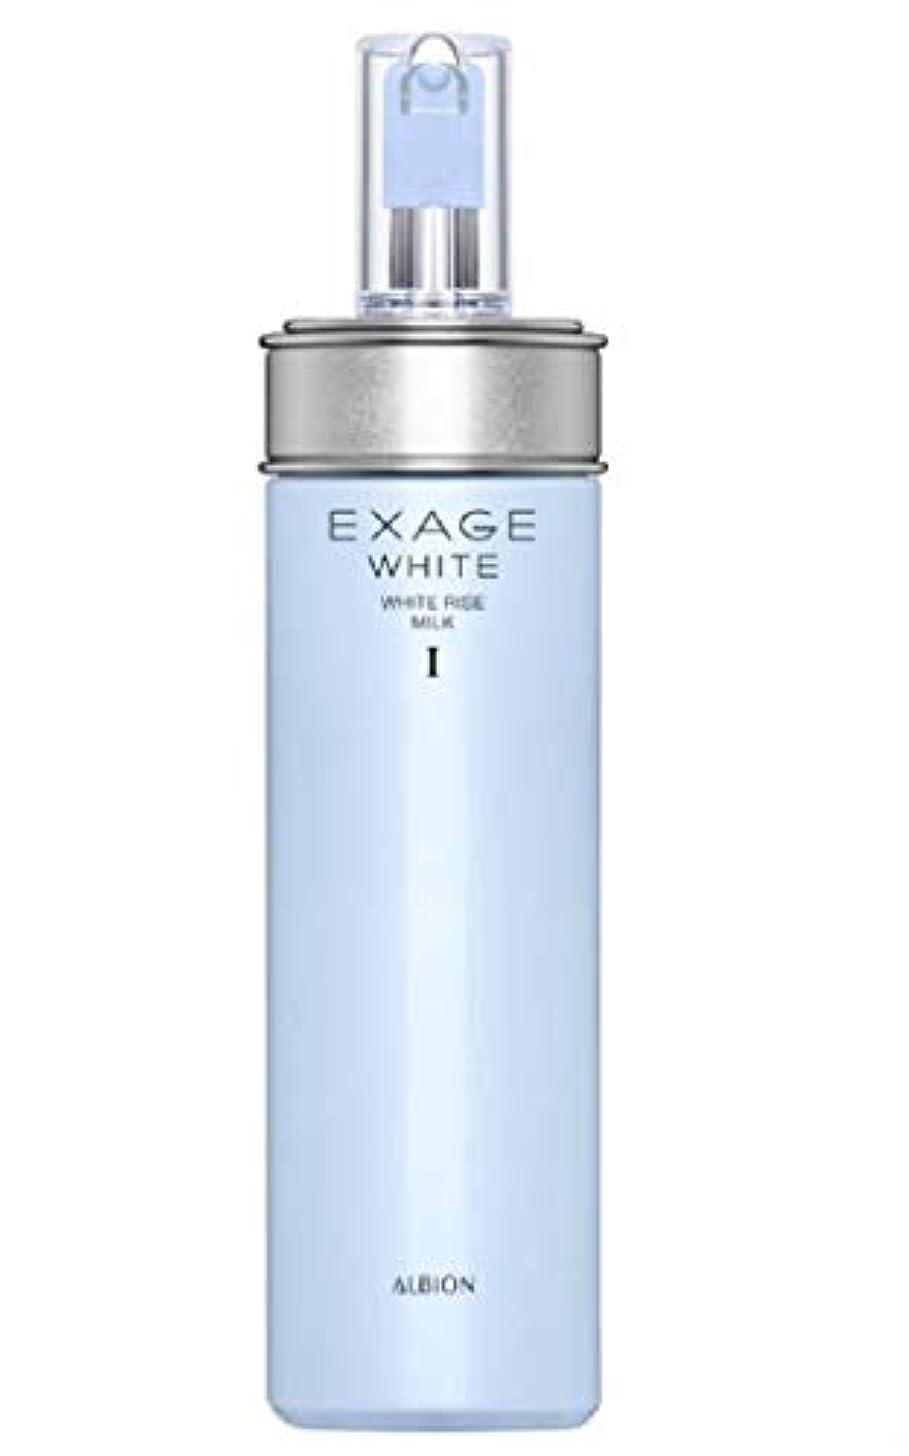 インシュレータ略す読み書きのできないアルビオン(ALBION) ホワイトライズ ミルク I 200g <3月18日新発売商品>